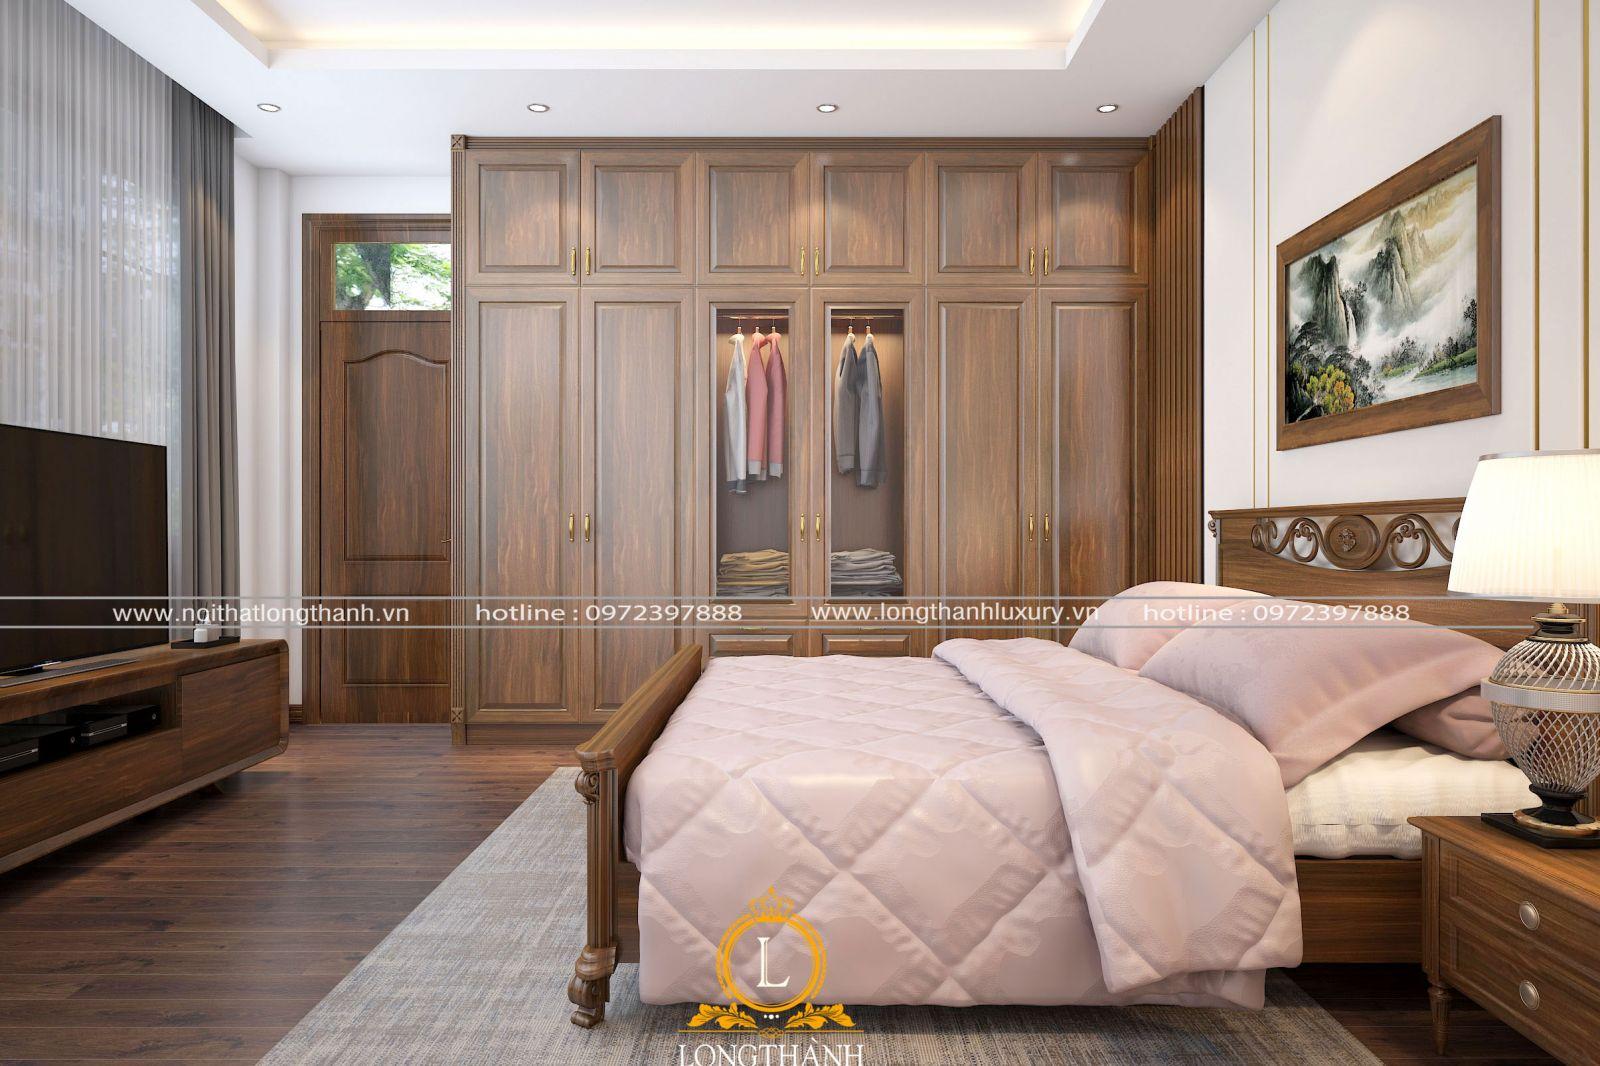 không gian phòng ngủ hiện đại nhỏ nhắn và tiện nghi